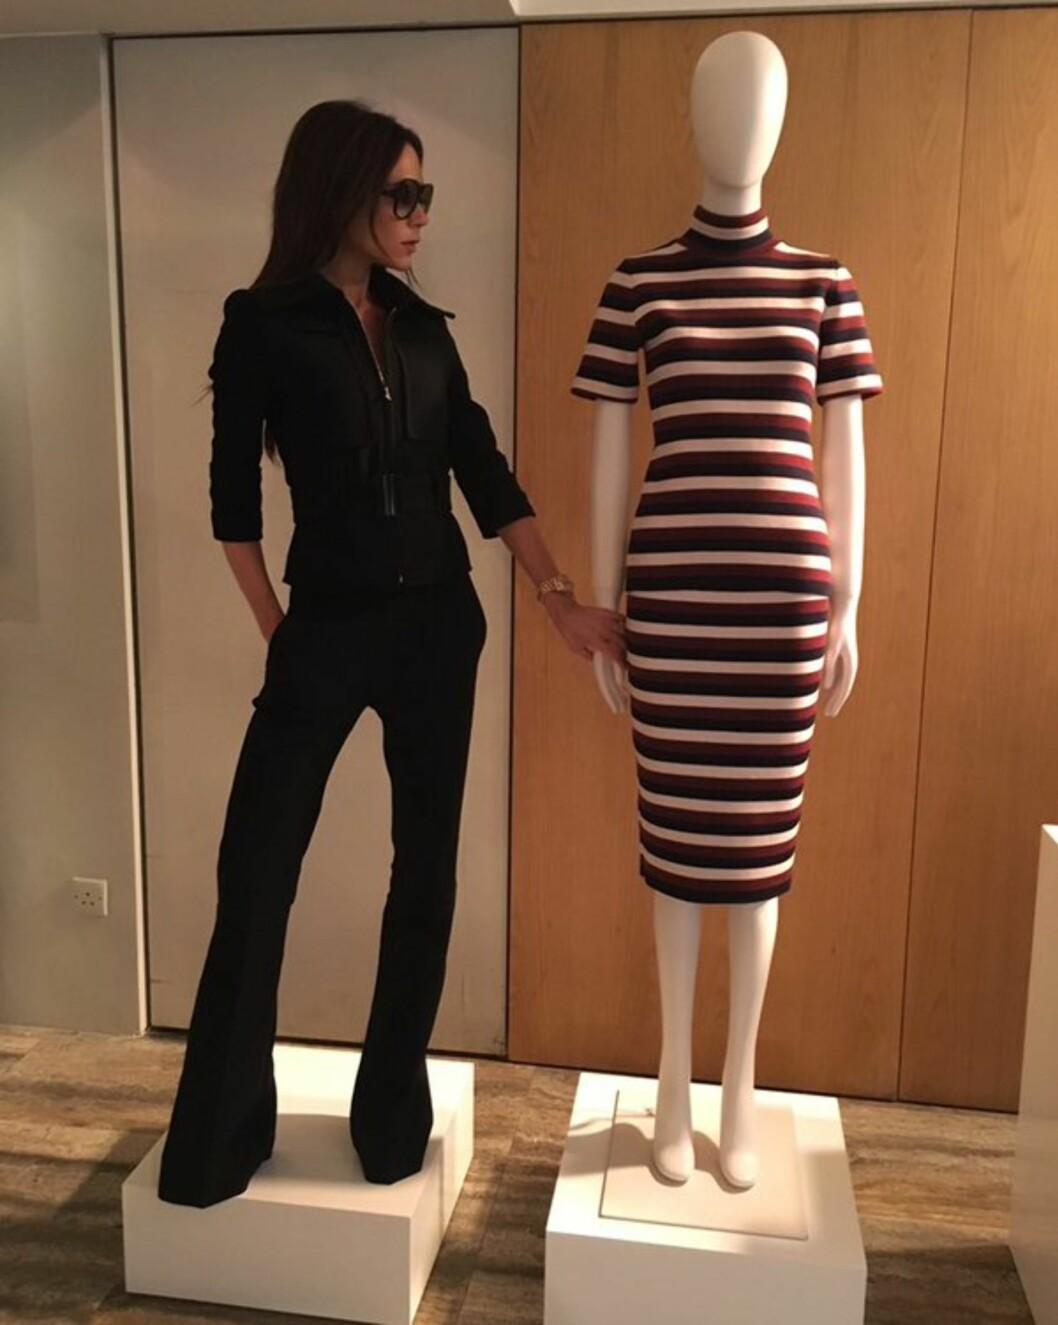 <strong>HELSORT:</strong> Designeren lager ofte kler i herlige farger, men selv ser vi hun som oftest i sort. Alltid så kul og elegant! Foto: SipaUSA